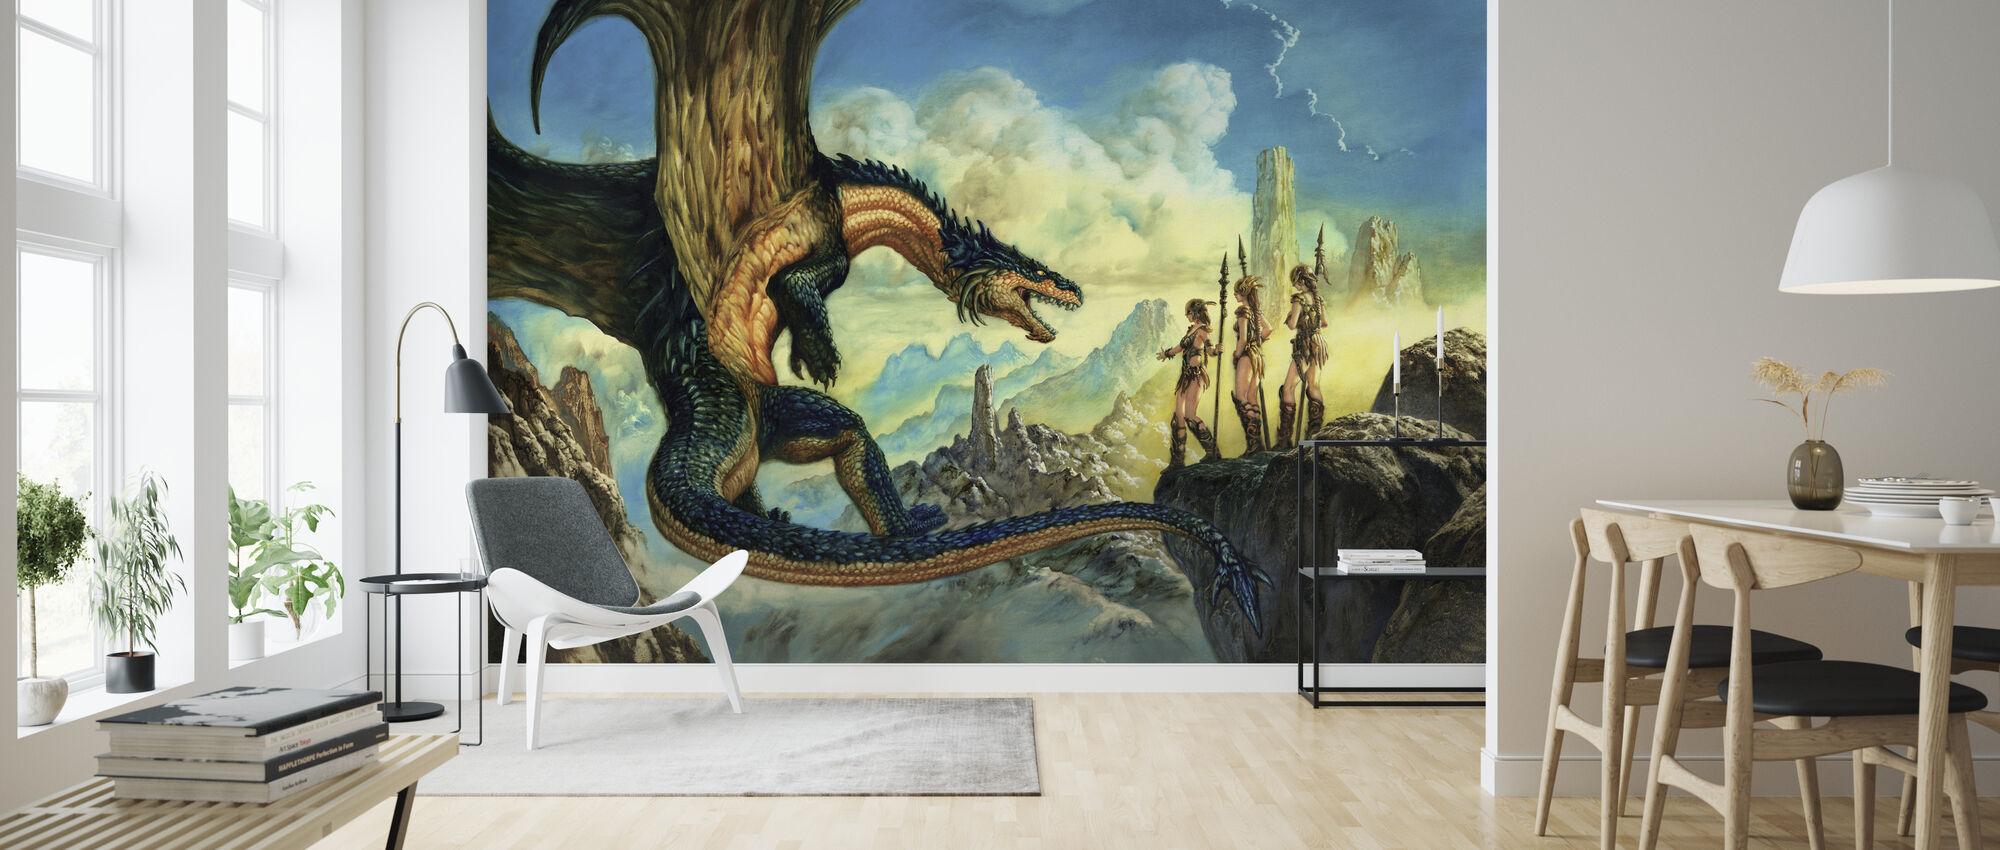 Aliance - Wallpaper - Living Room